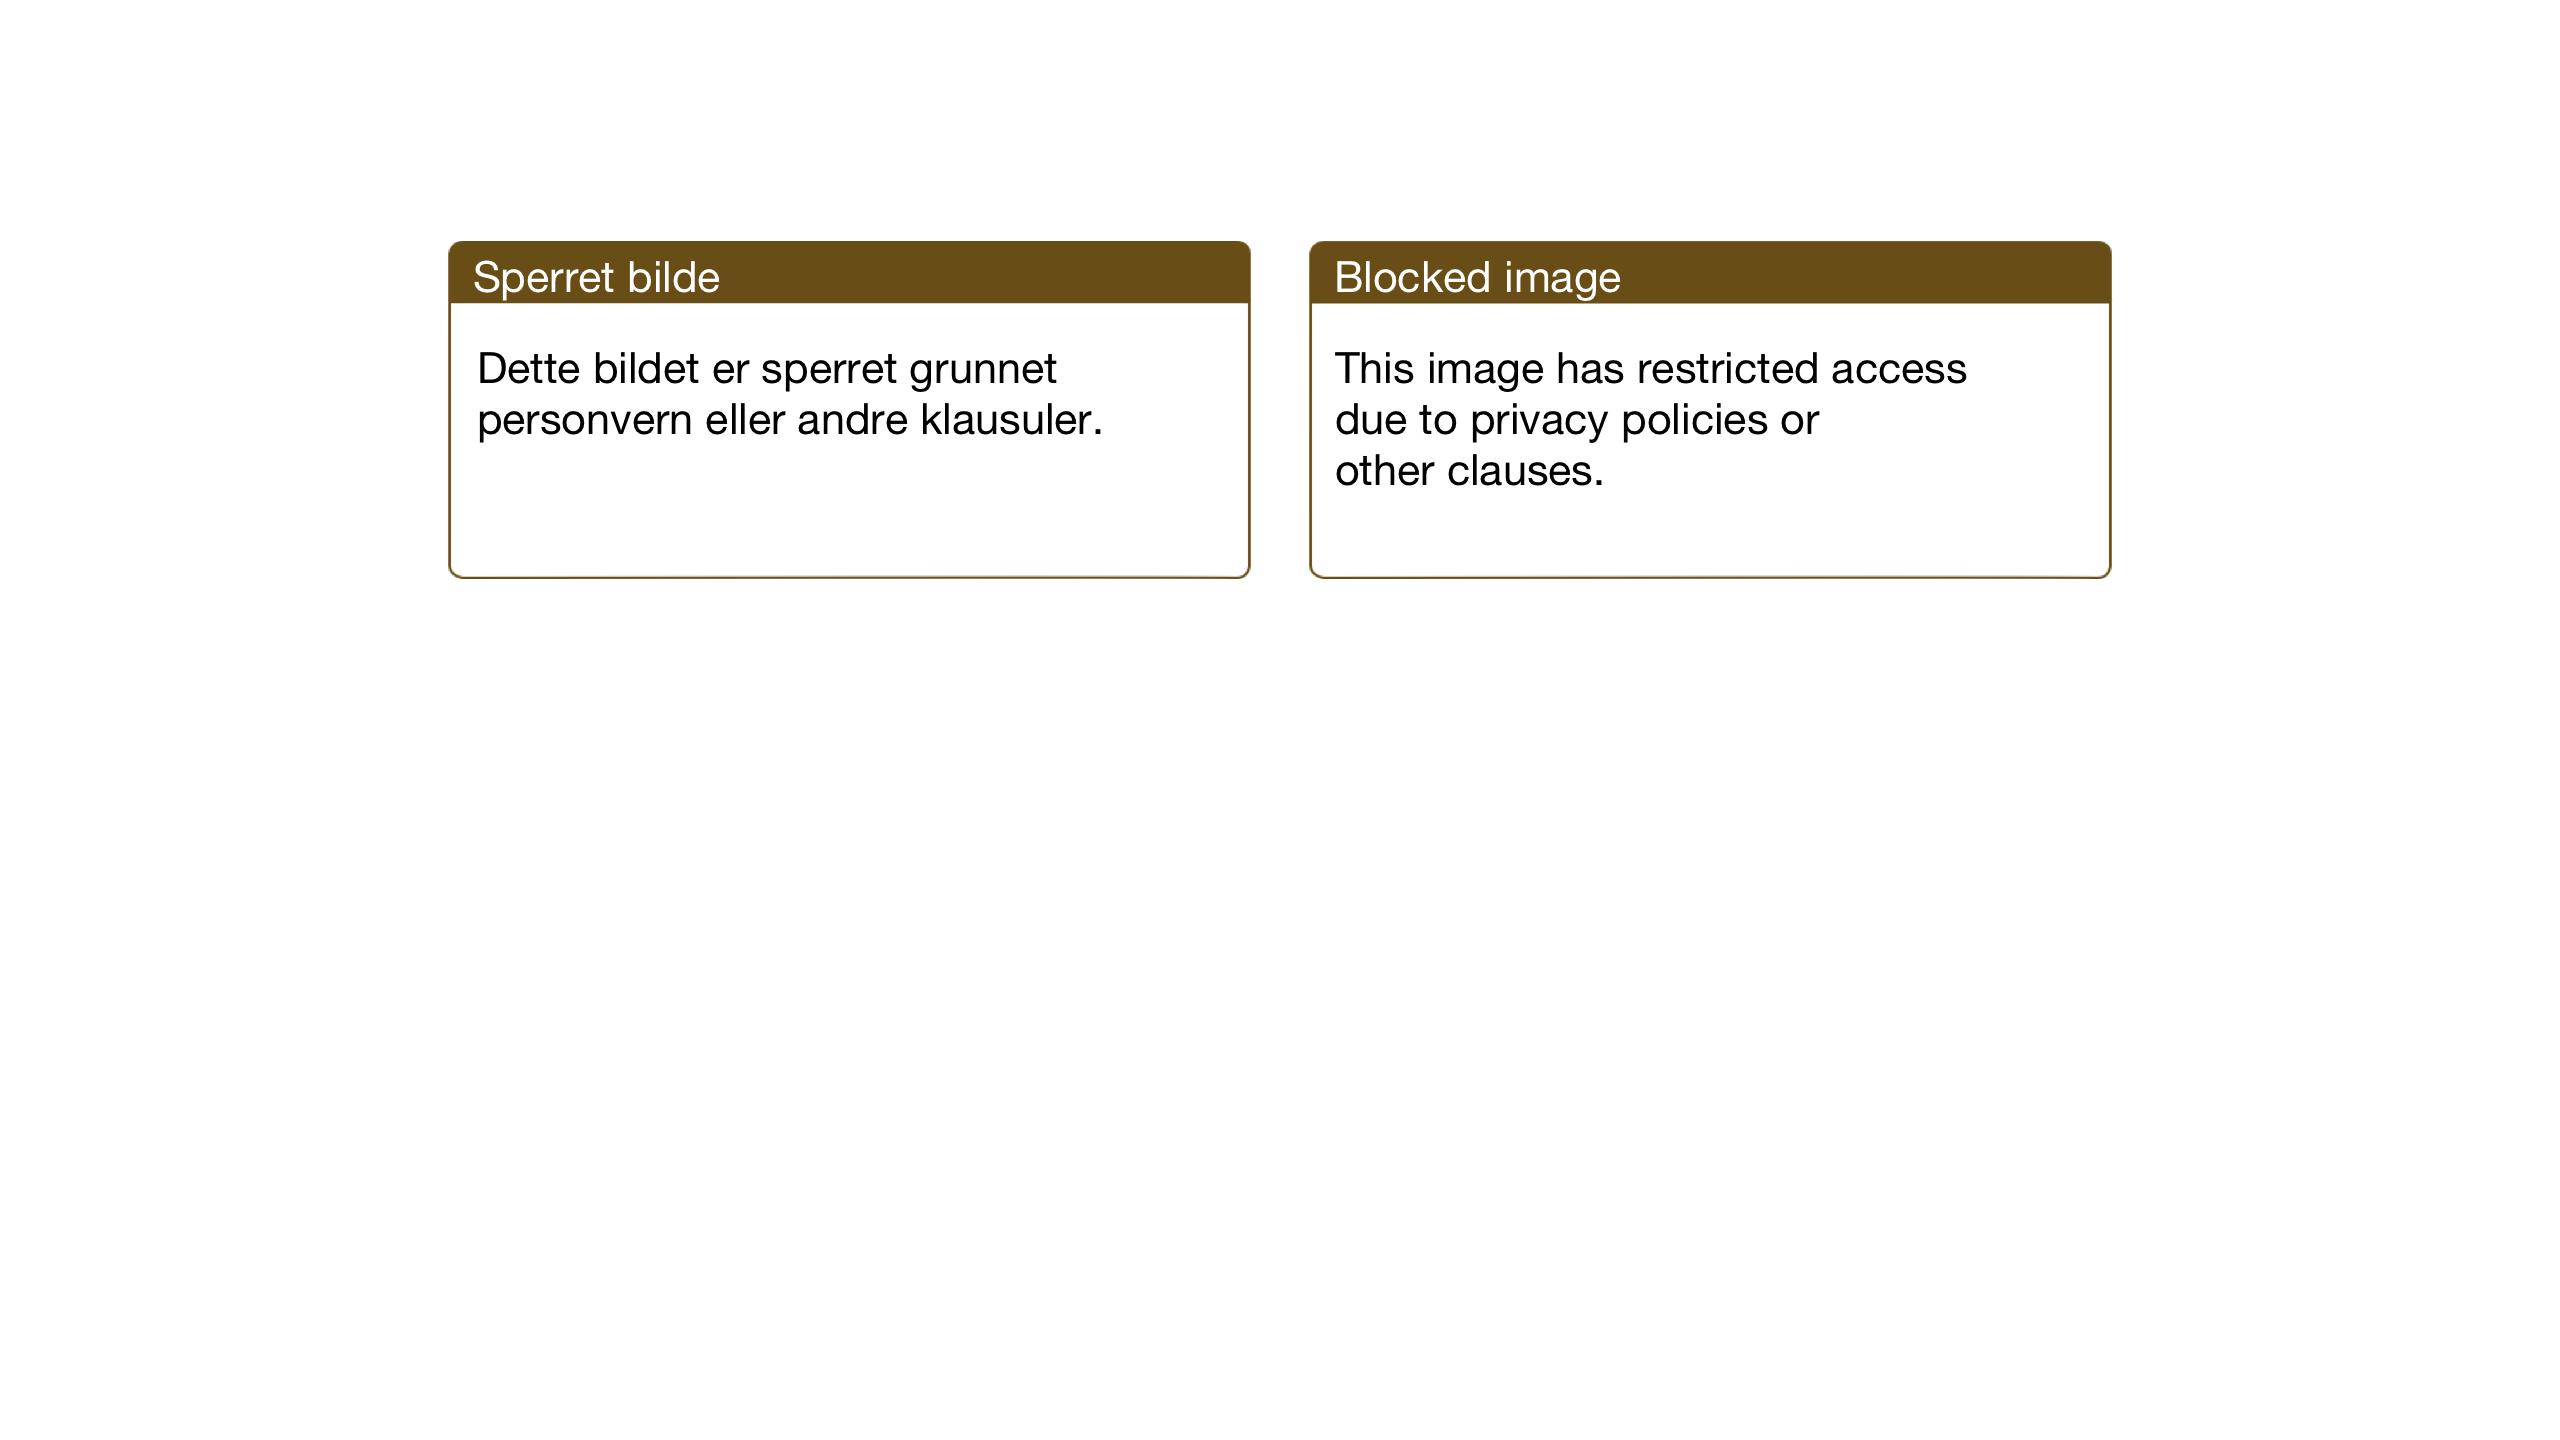 SAT, Ministerialprotokoller, klokkerbøker og fødselsregistre - Sør-Trøndelag, 665/L0778: Klokkerbok nr. 665C03, 1916-1938, s. 47